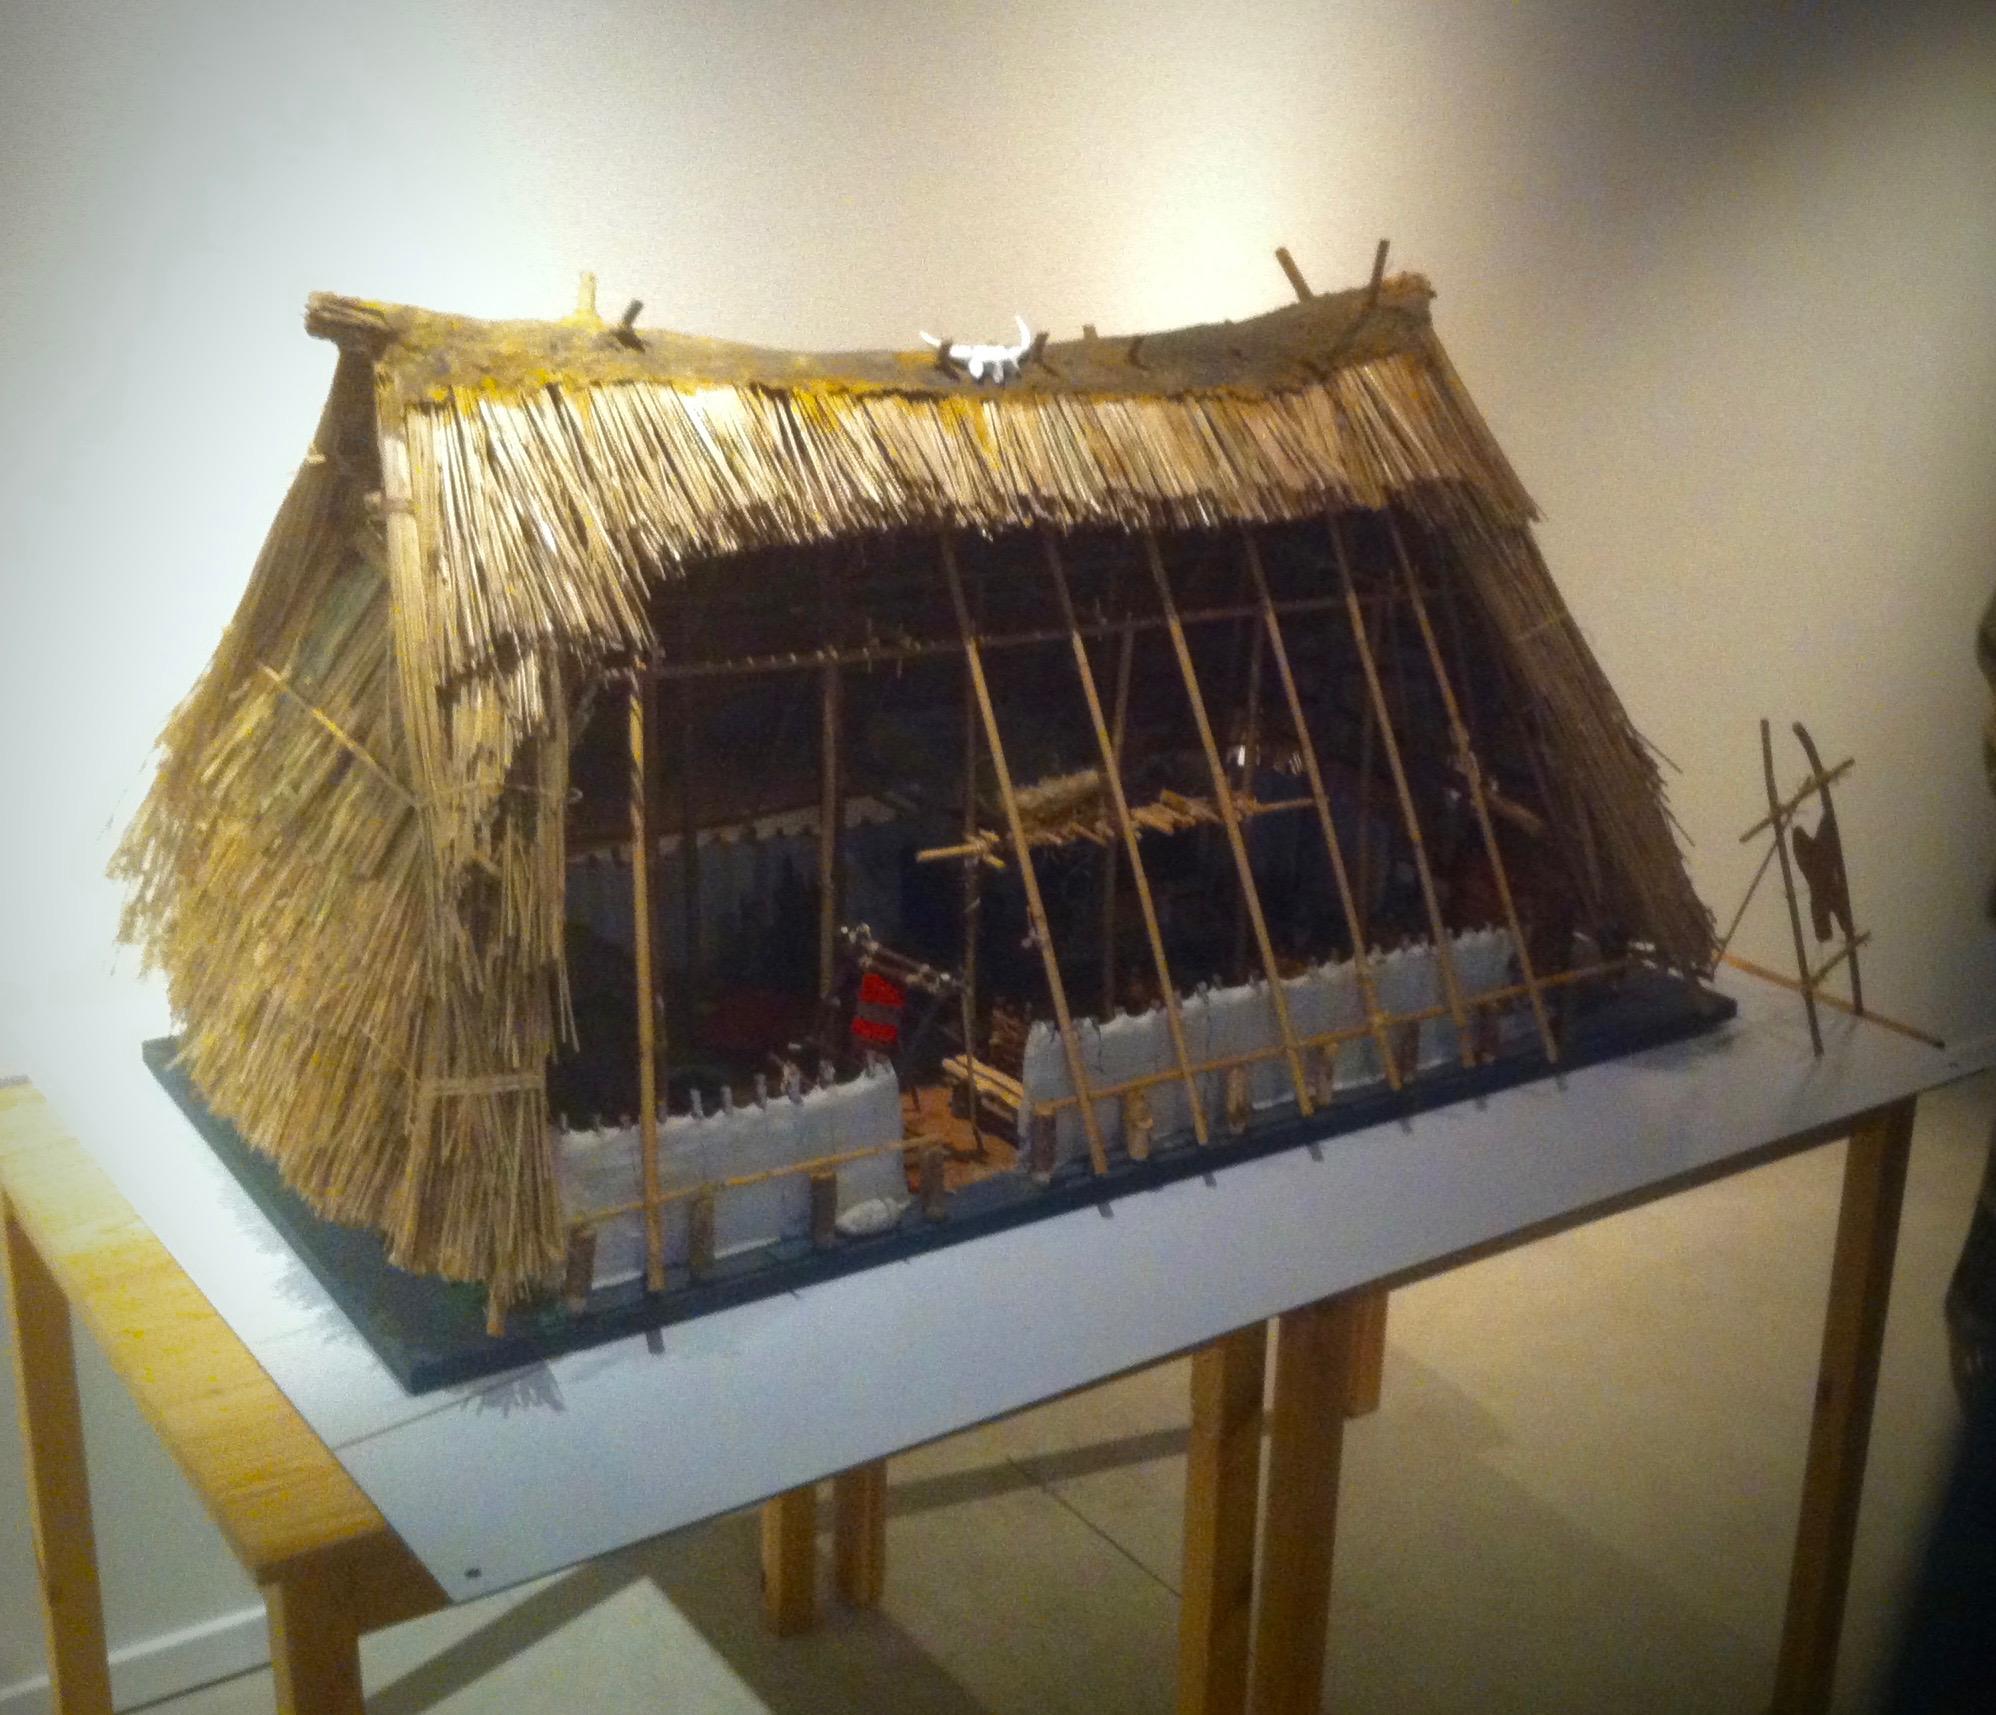 Maquette van een middeleeuws woonstalhuis op de tentoonstelling in Ezinge.